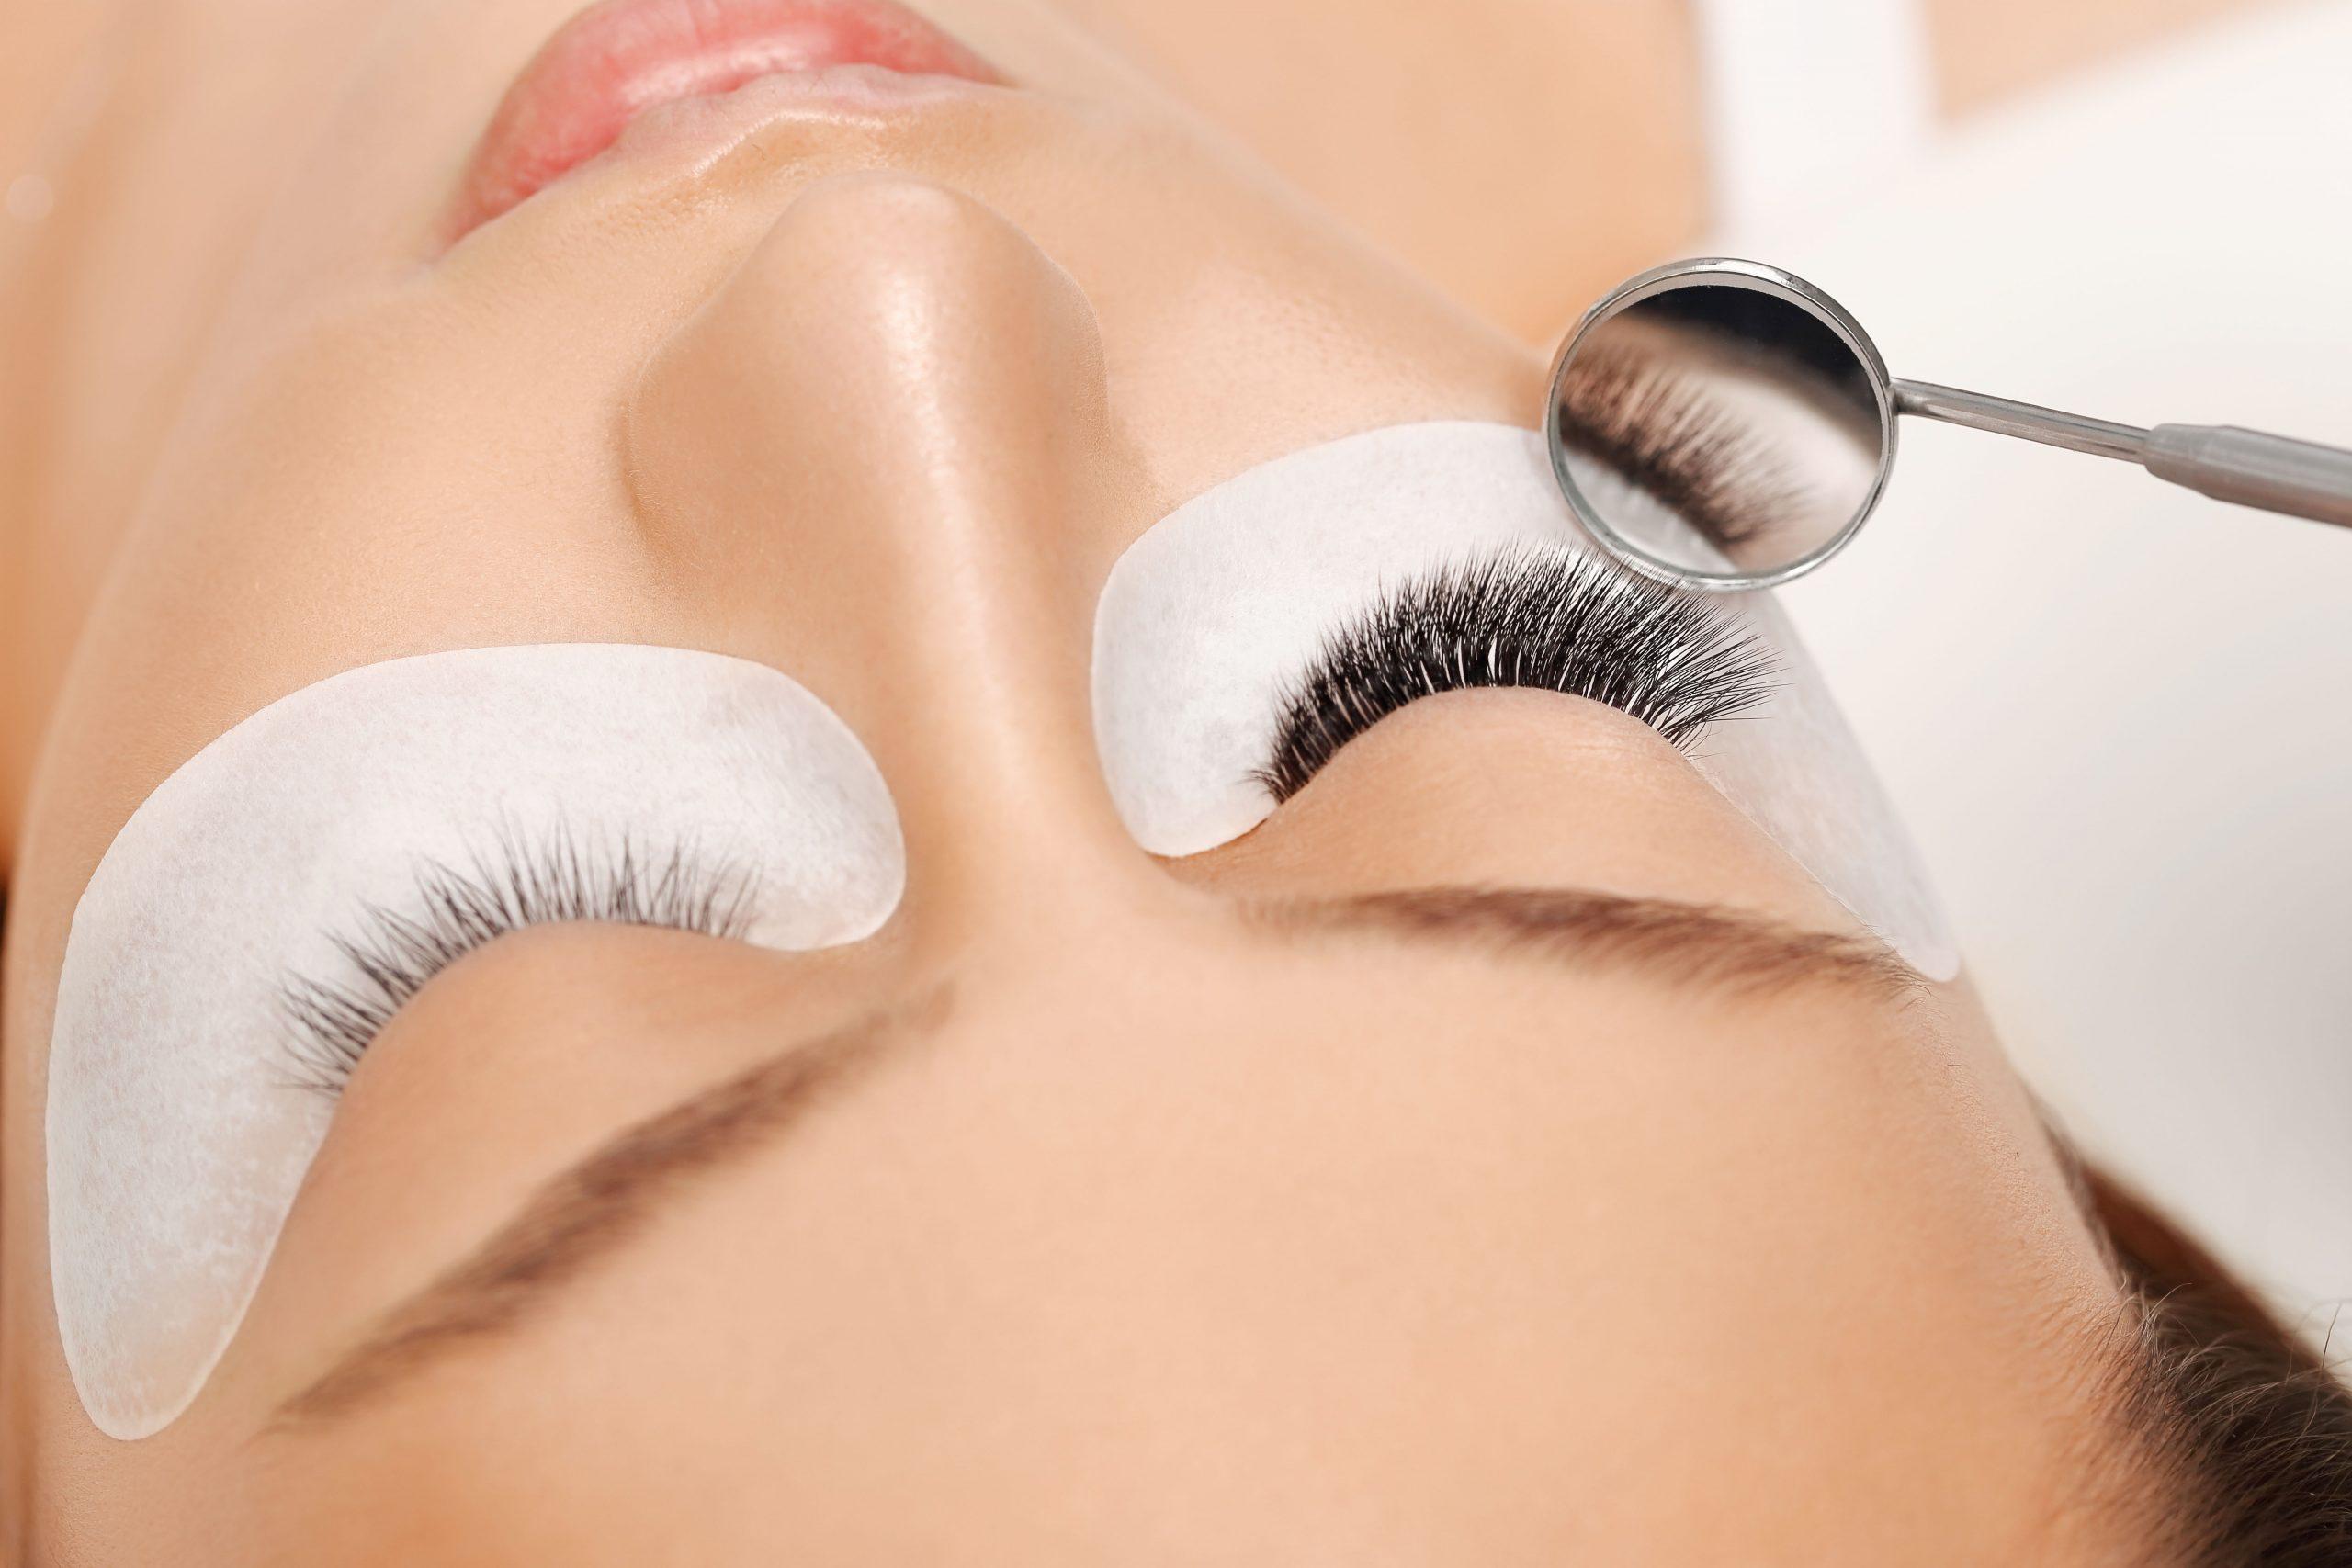 Eyelashes,Extensions.,Fake,Eyelashes.,Eyelash,Extension,Procedure.close,Up,Portrait,Of